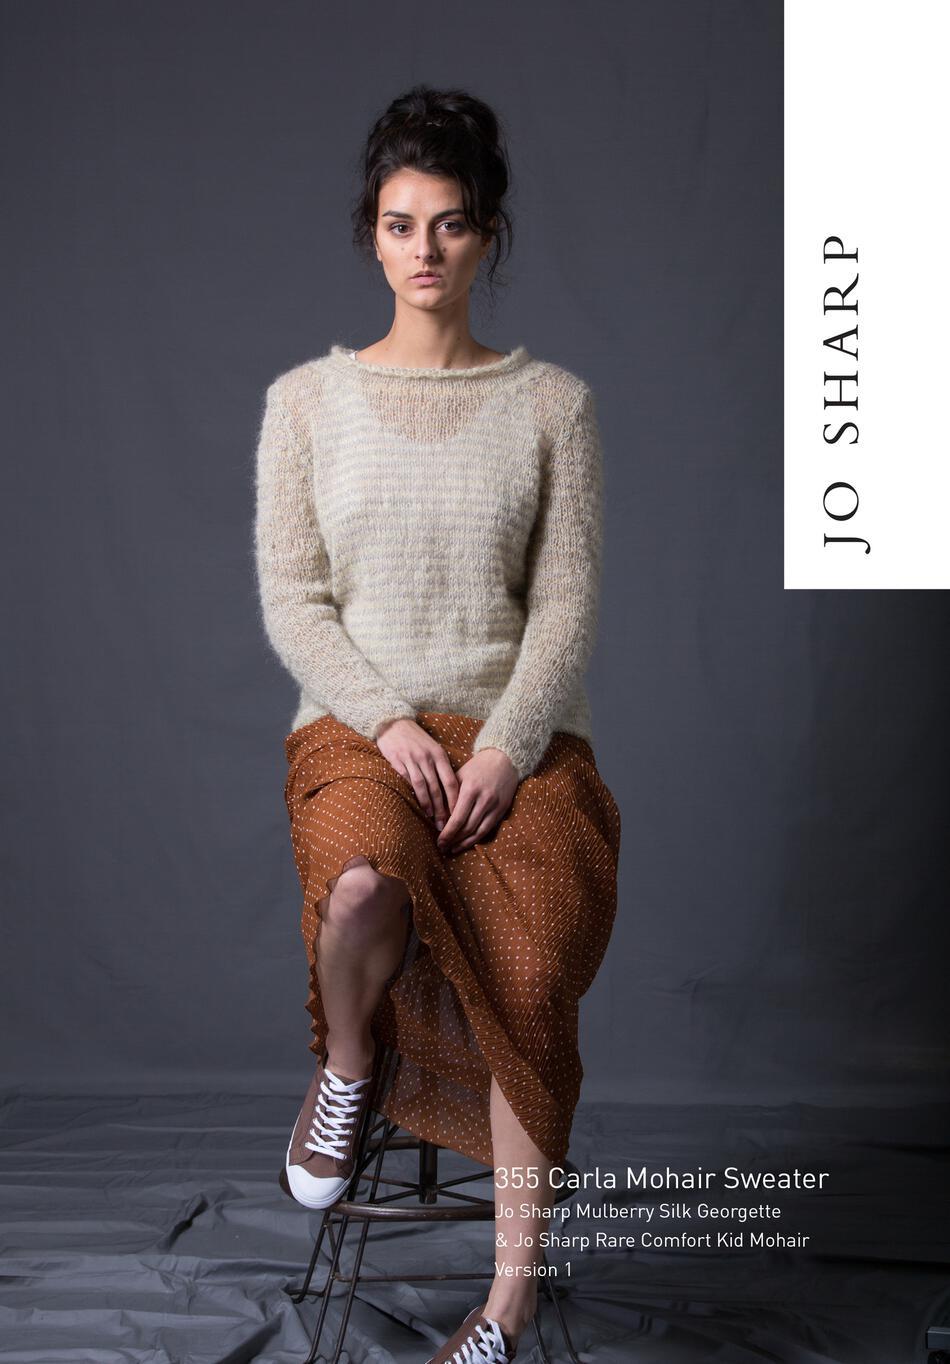 Jo Sharp Carla Mohair Sweater - Pattern Download, Knitting Pattern ...